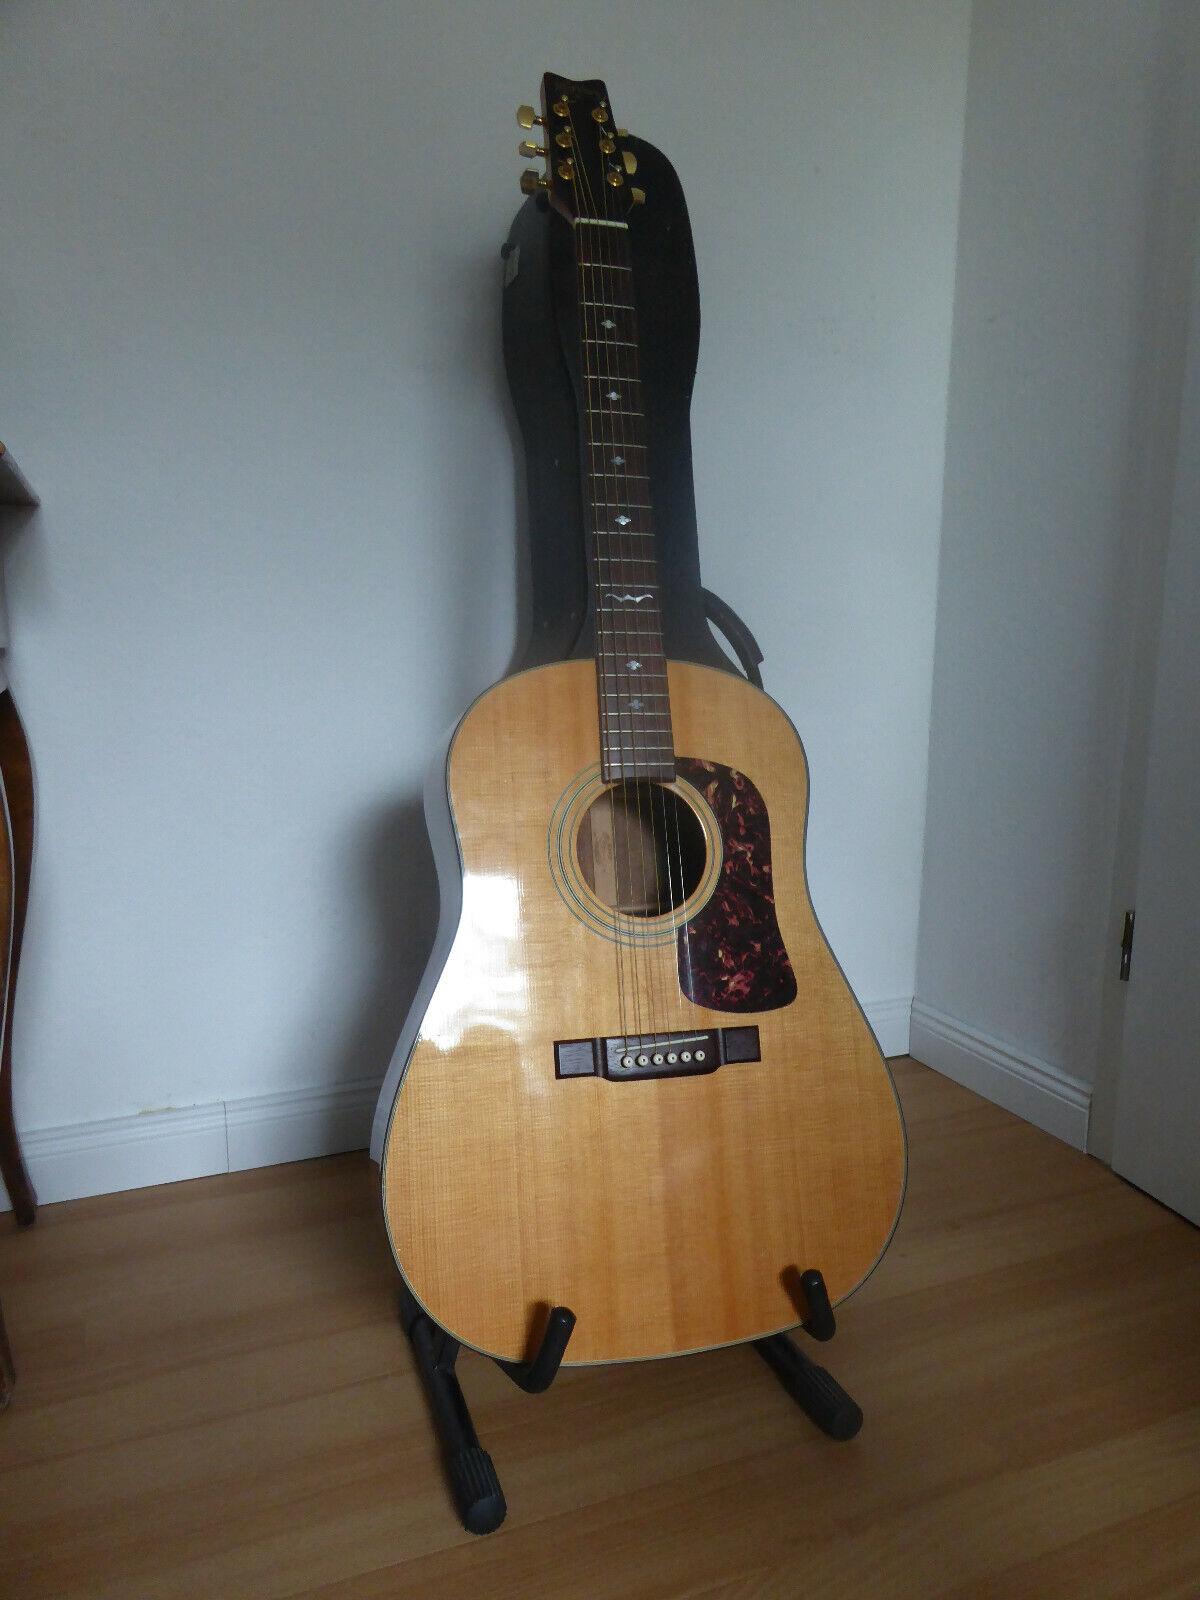 Akkustik Gitarre gebraucht topgepflegt incl. Koffer